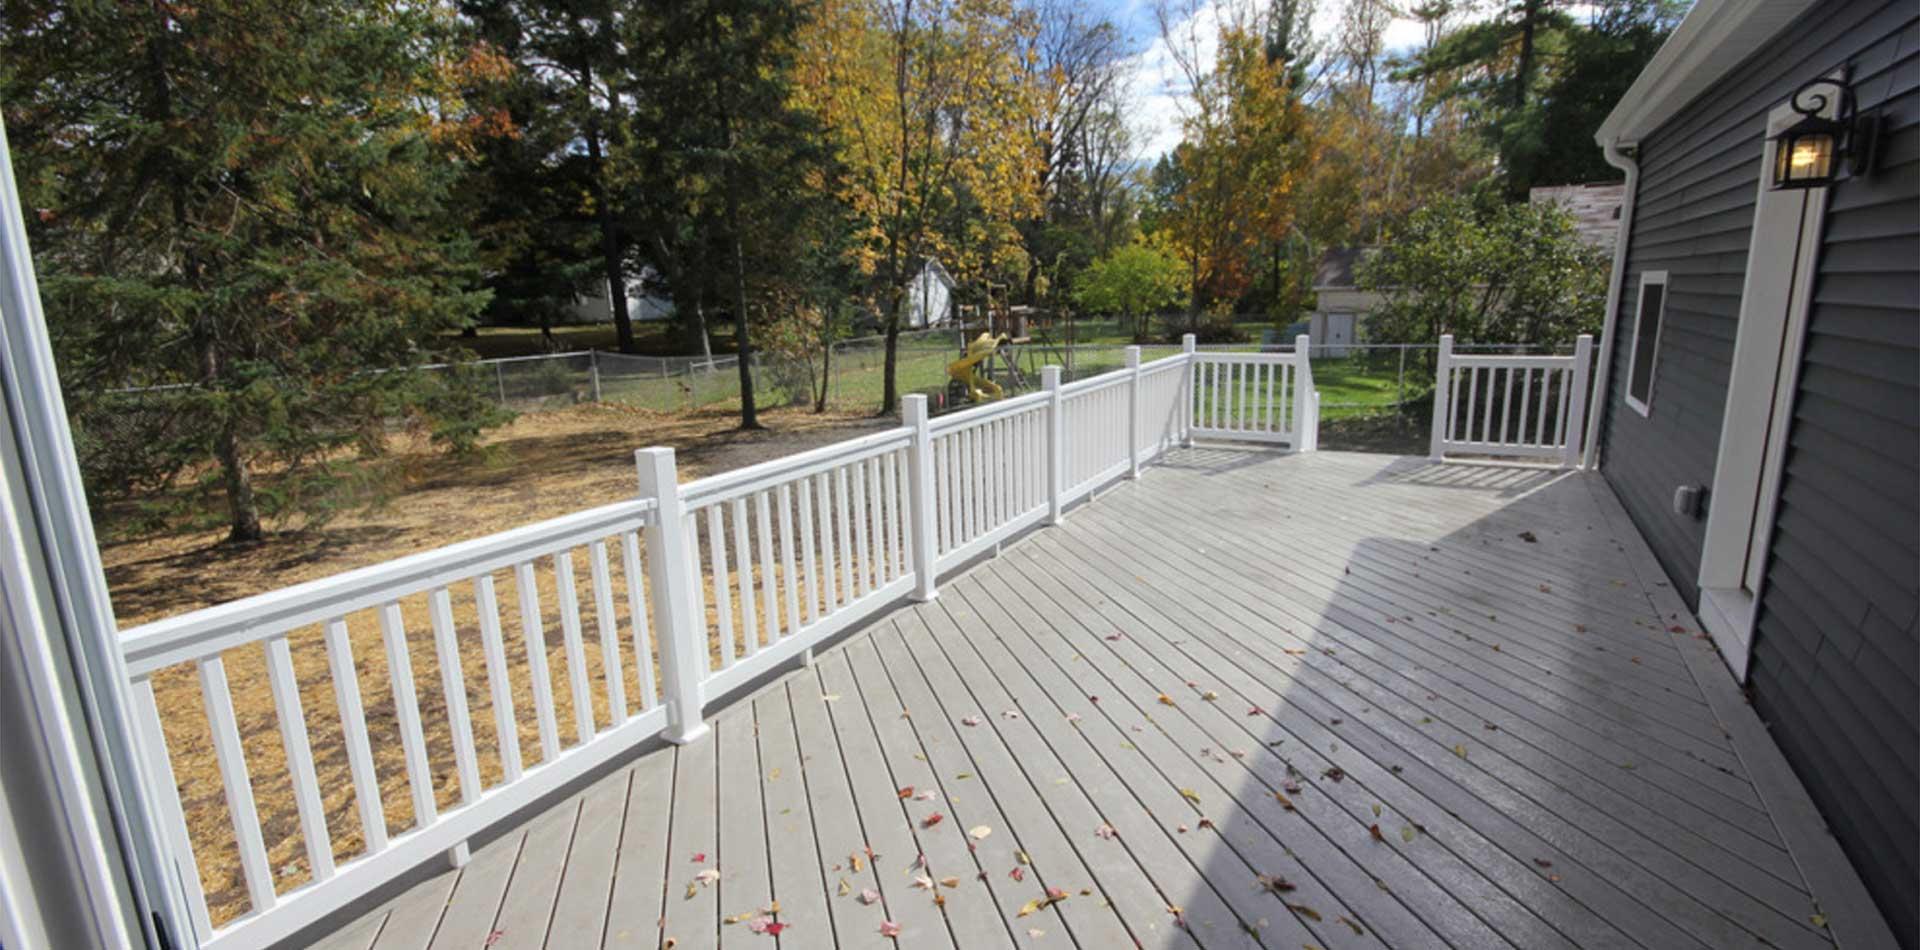 Deck railing aluminum deck railing pacific columns inc vinyl railing system baanklon Image collections